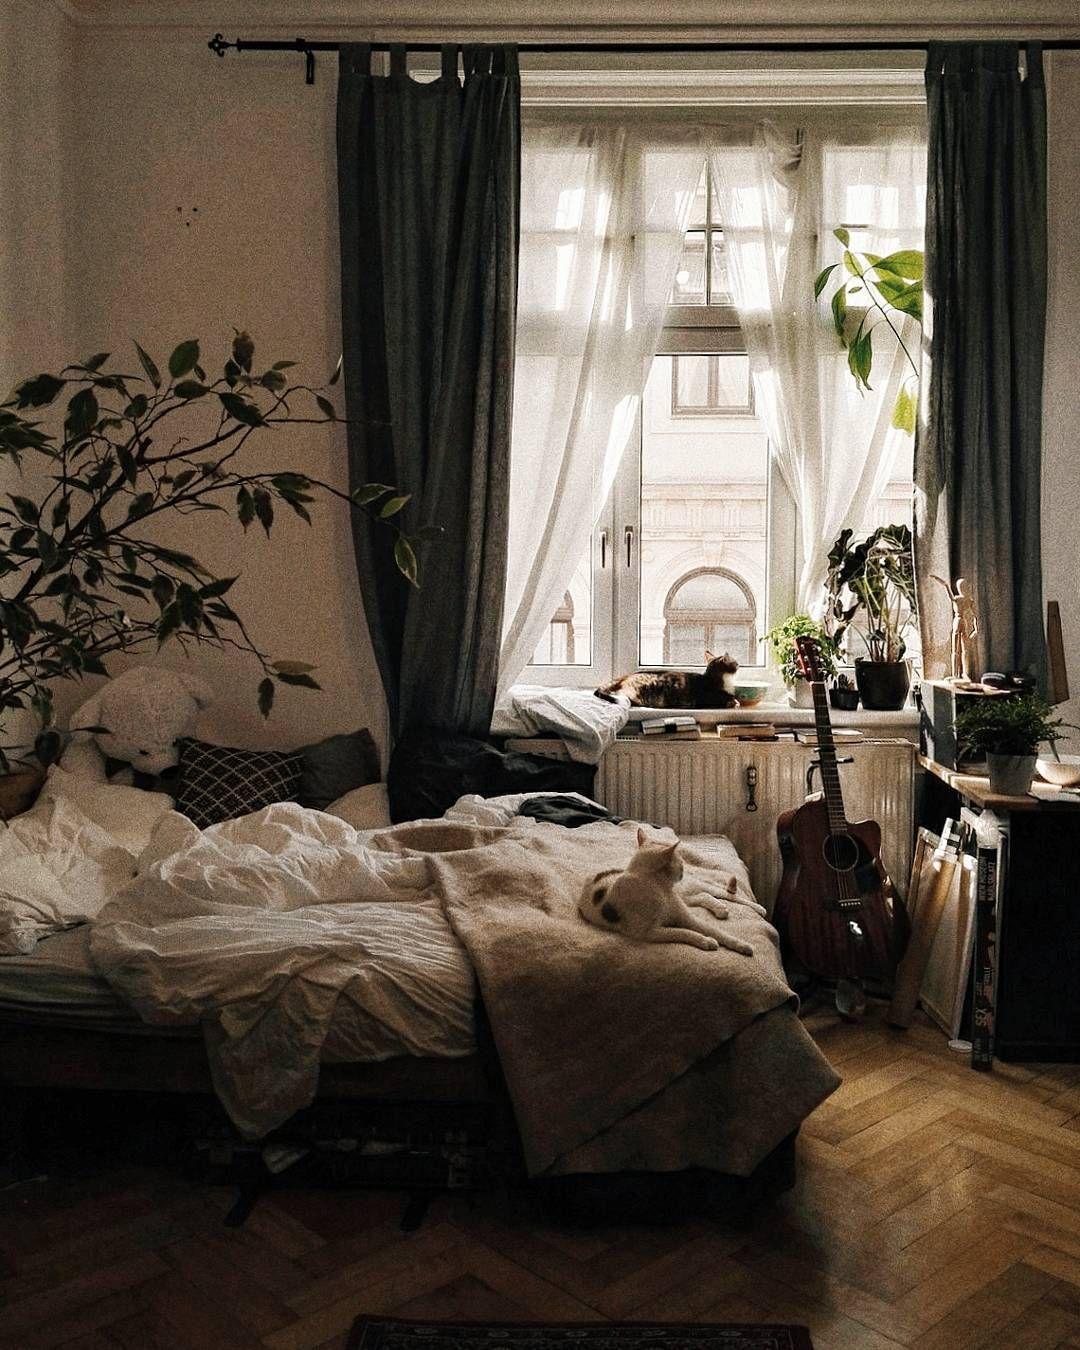 """Valerie Ariane ☘ on Instagram: """"Dorm sweet dorm. #lieblingsjahreszeit"""""""